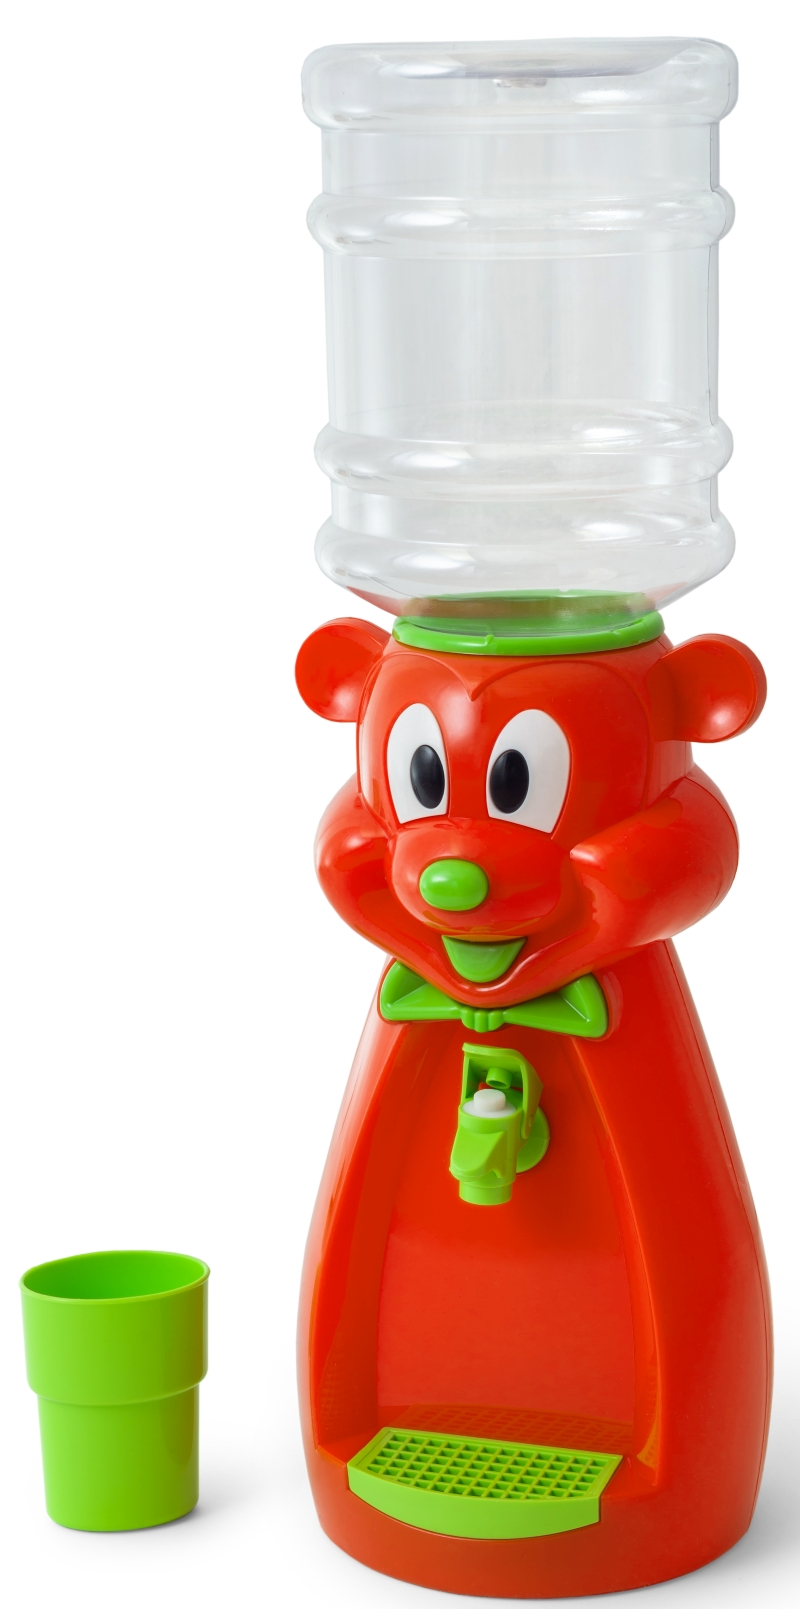 кулер детский для воды купить в москве